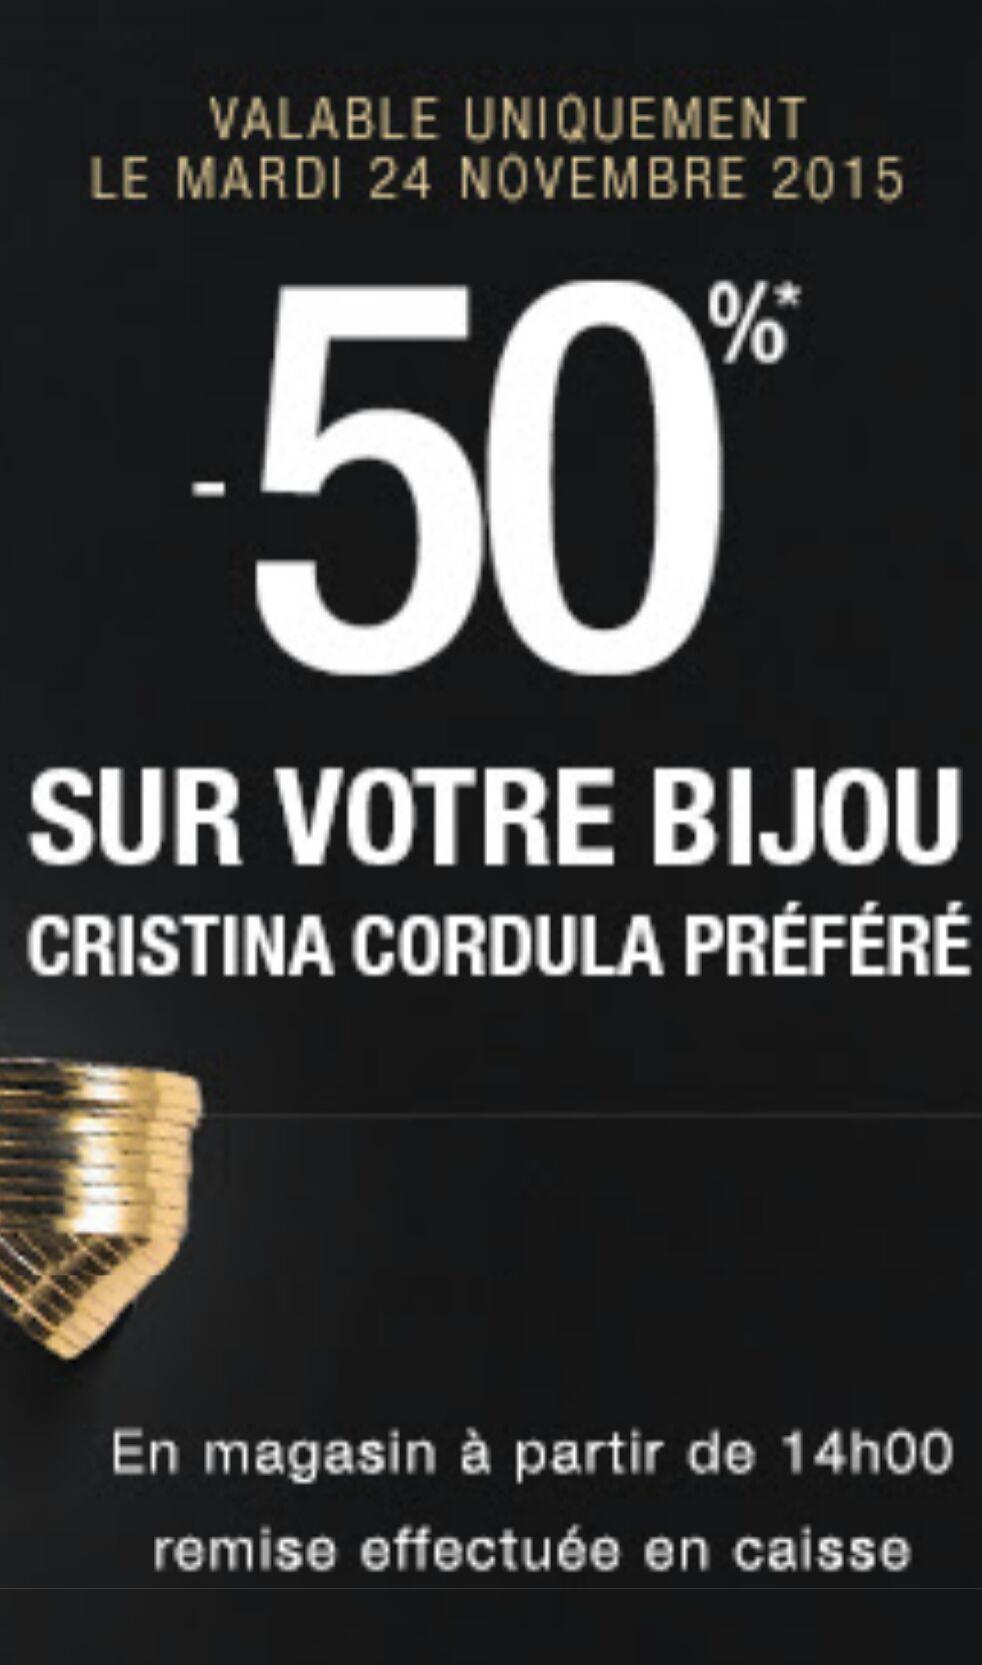 50% de réduction sur votre bijou Cristina Cordula préféré